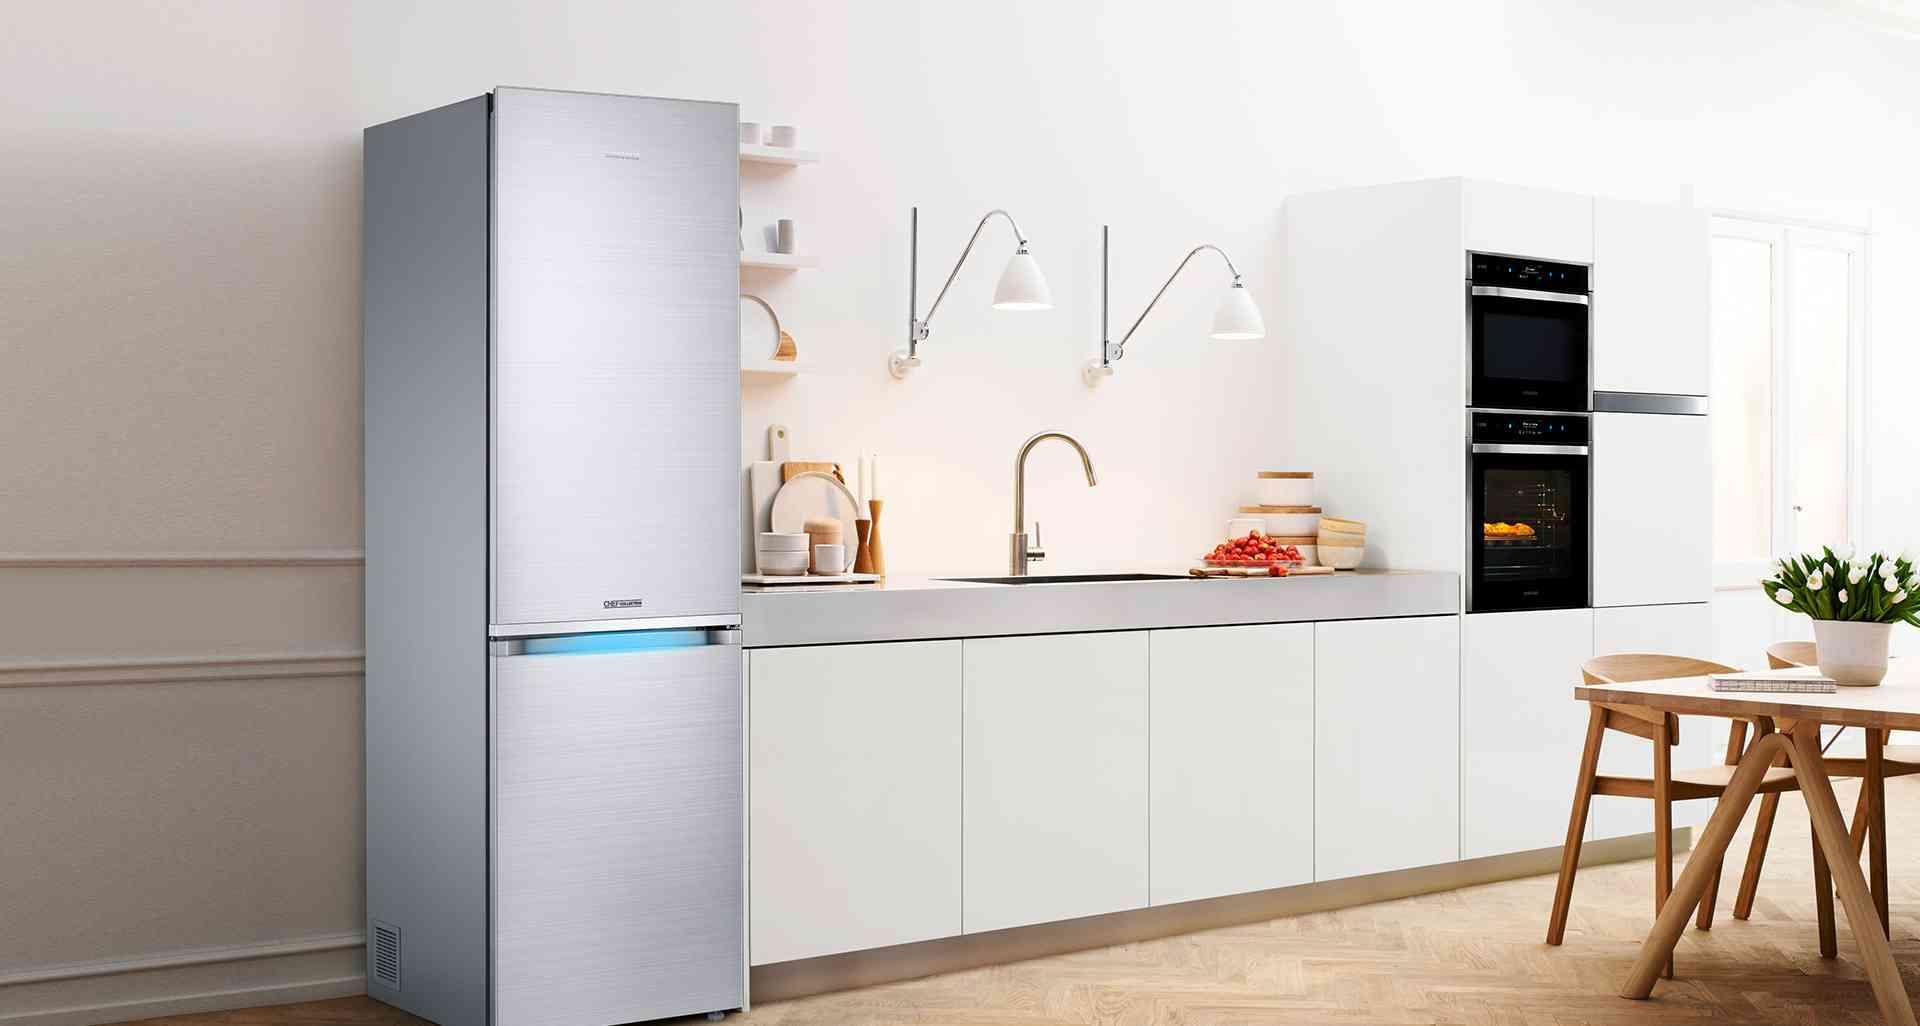 cocina con frigorifico samsung